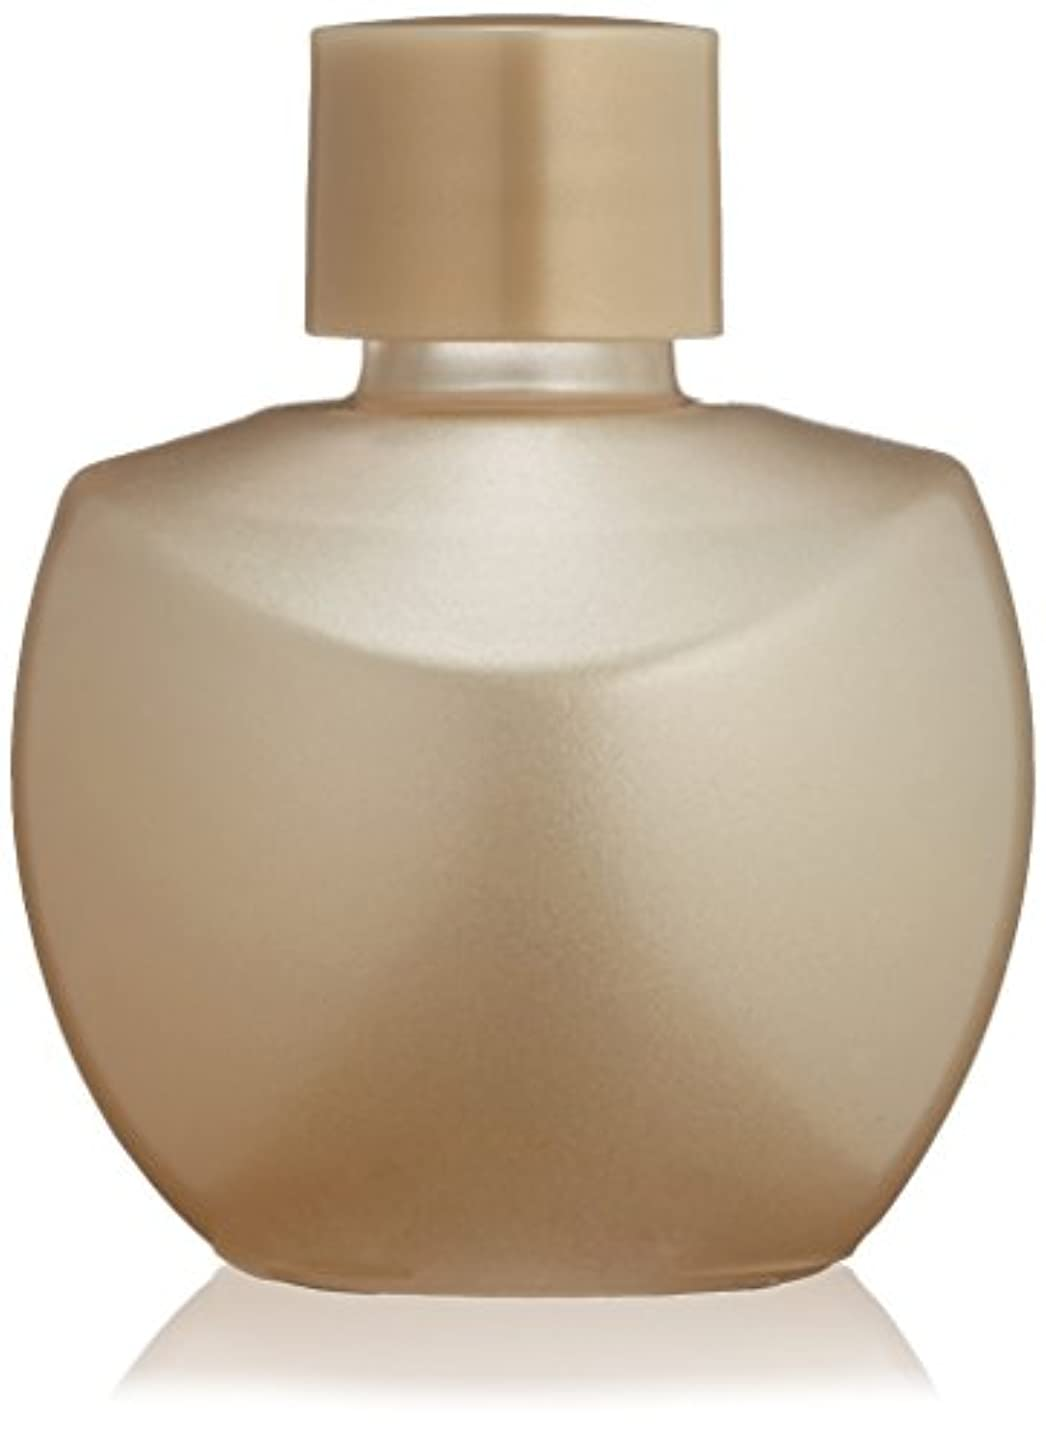 翻訳花瓶一般的なエリクシール シュペリエル エンリッチドセラム CB 美容液 (つけかえ専用ボトル) 35mL